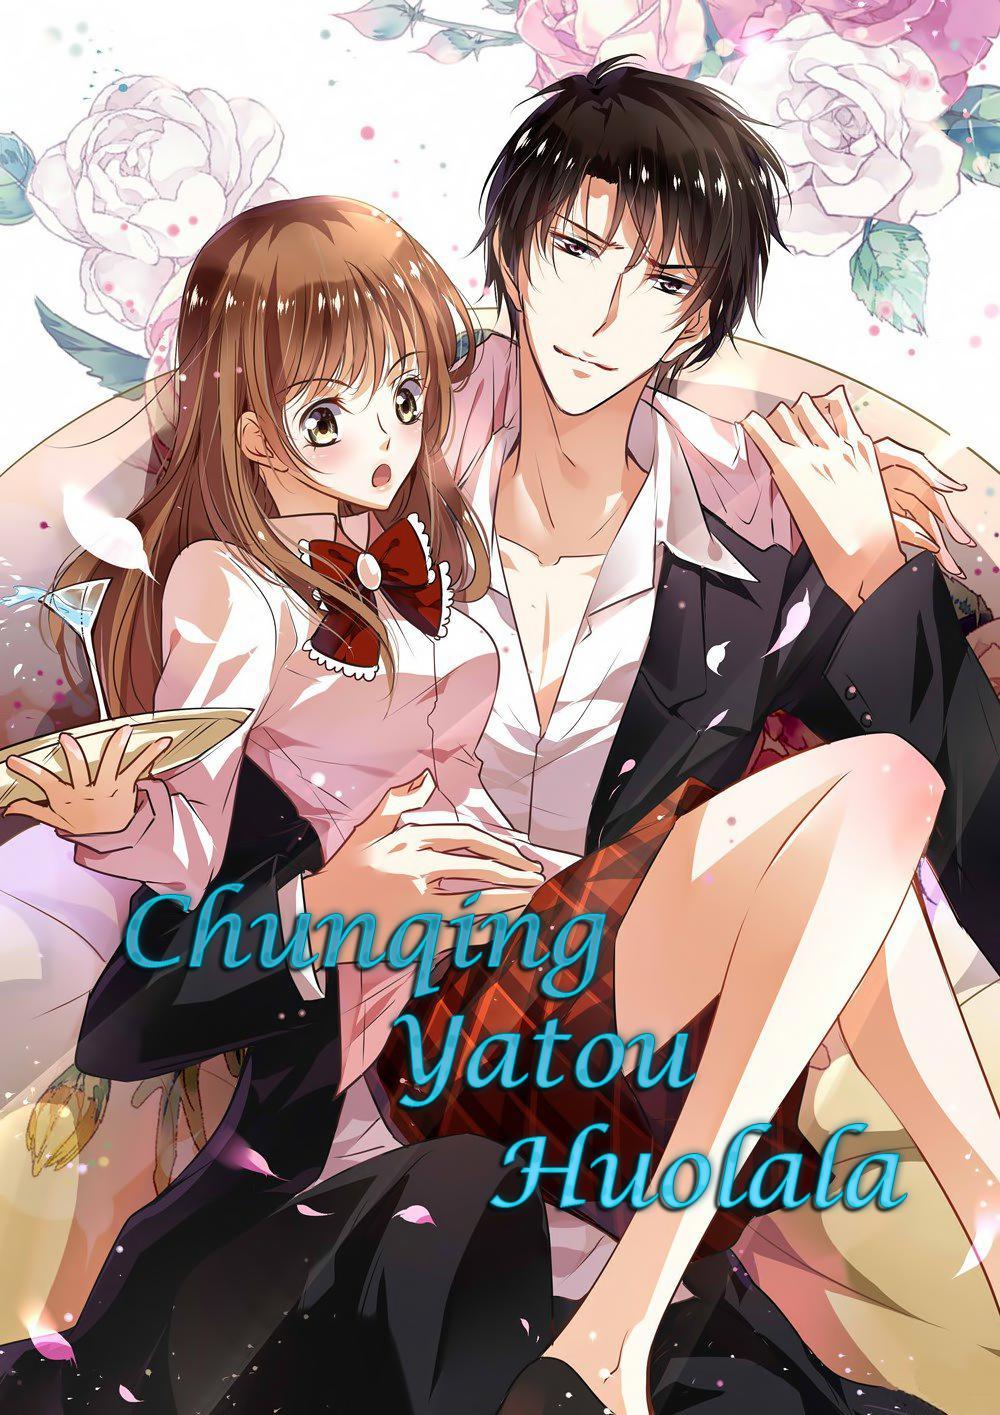 http://c5.ninemanga.com/es_manga/5/16069/385053/75d8d147d09b832bb0367ba1844fdb58.jpg Page 2